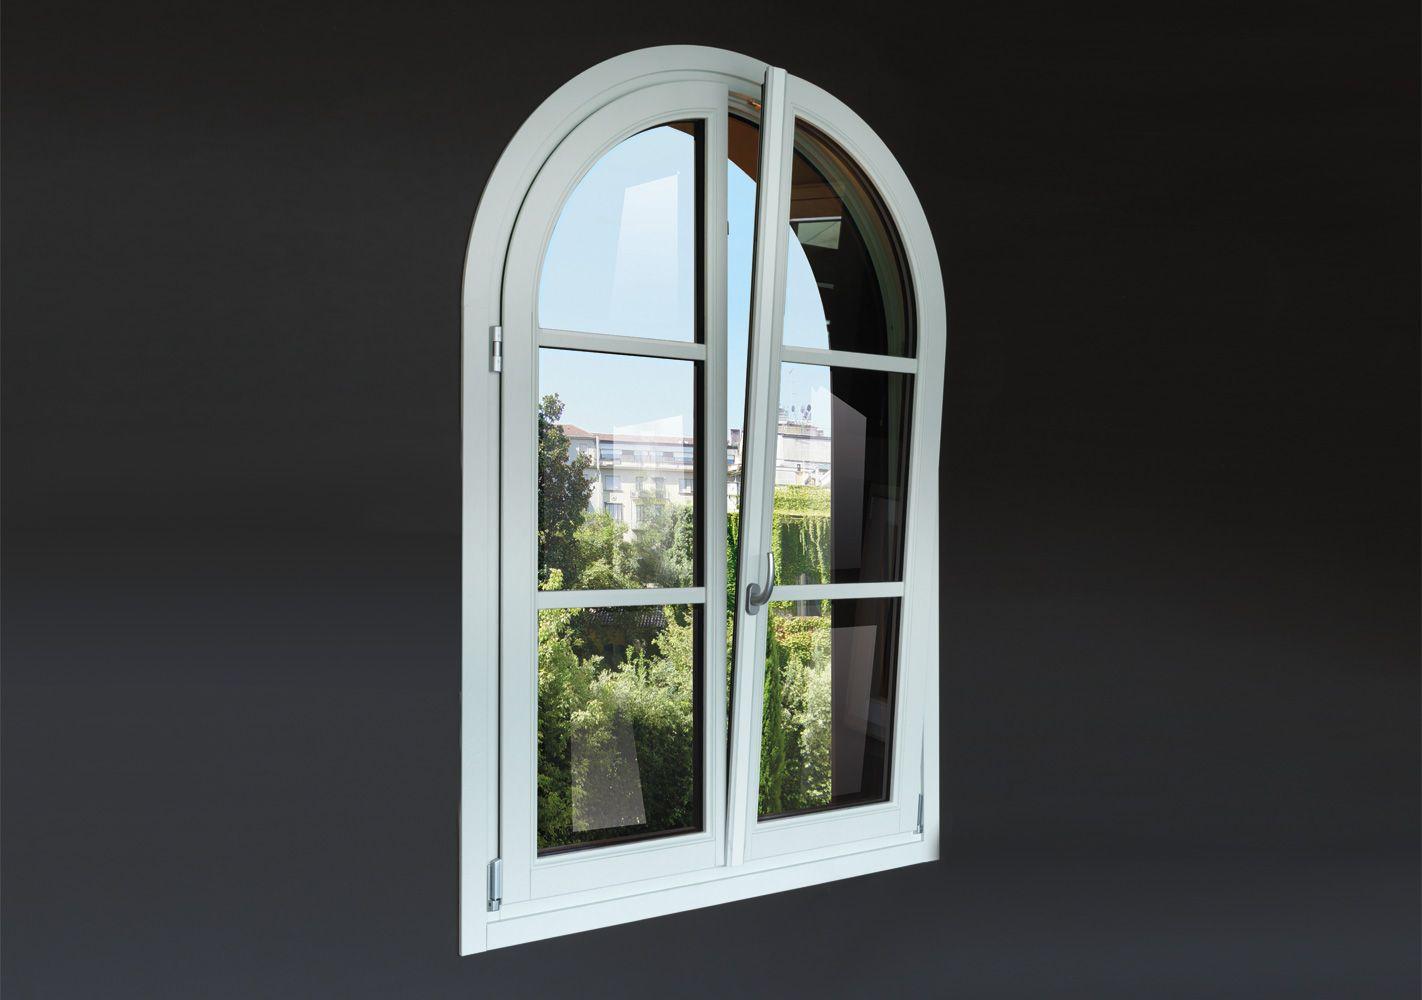 Finestre tonde good finestra in pvc bianca anta destra x cm lxh with finestre tonde stunning - Finestra rotonda e ovale ...